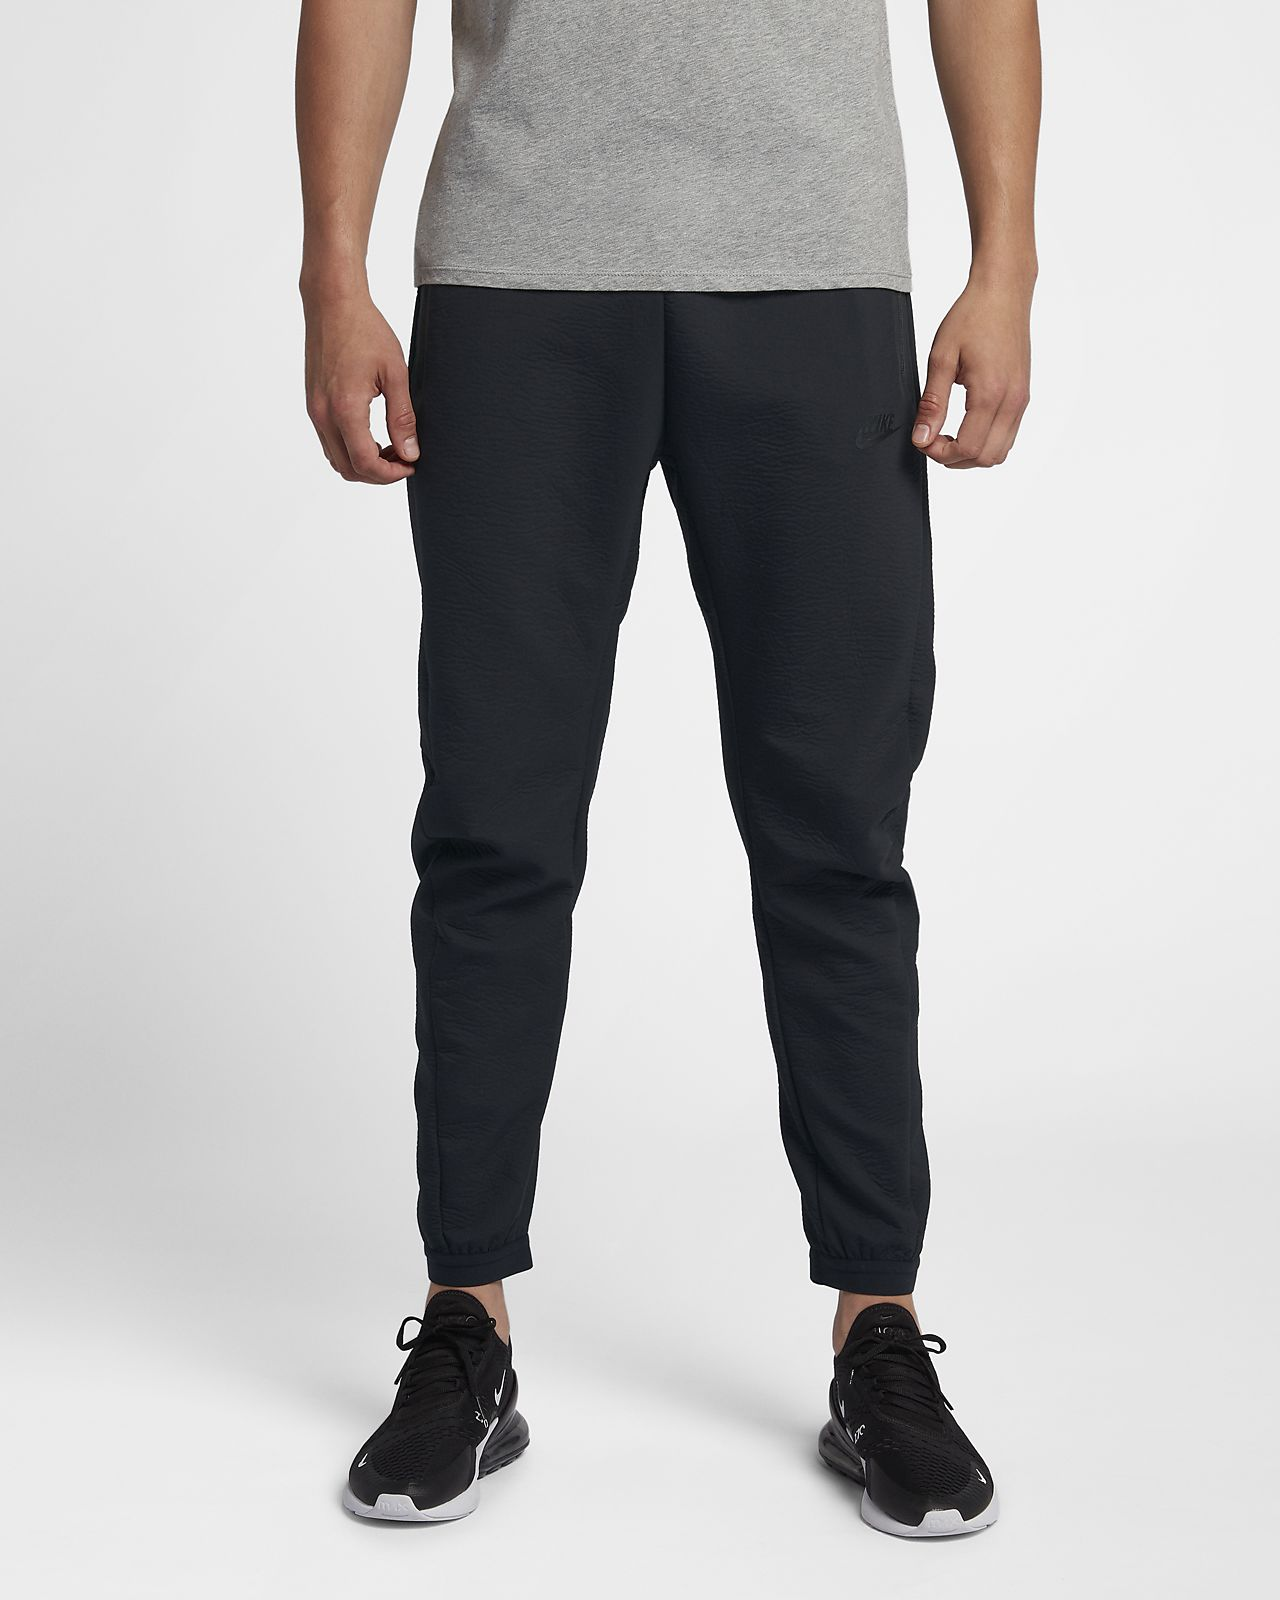 Υφαντό παντελόνι φόρμας Nike Sportswear Tech Pack